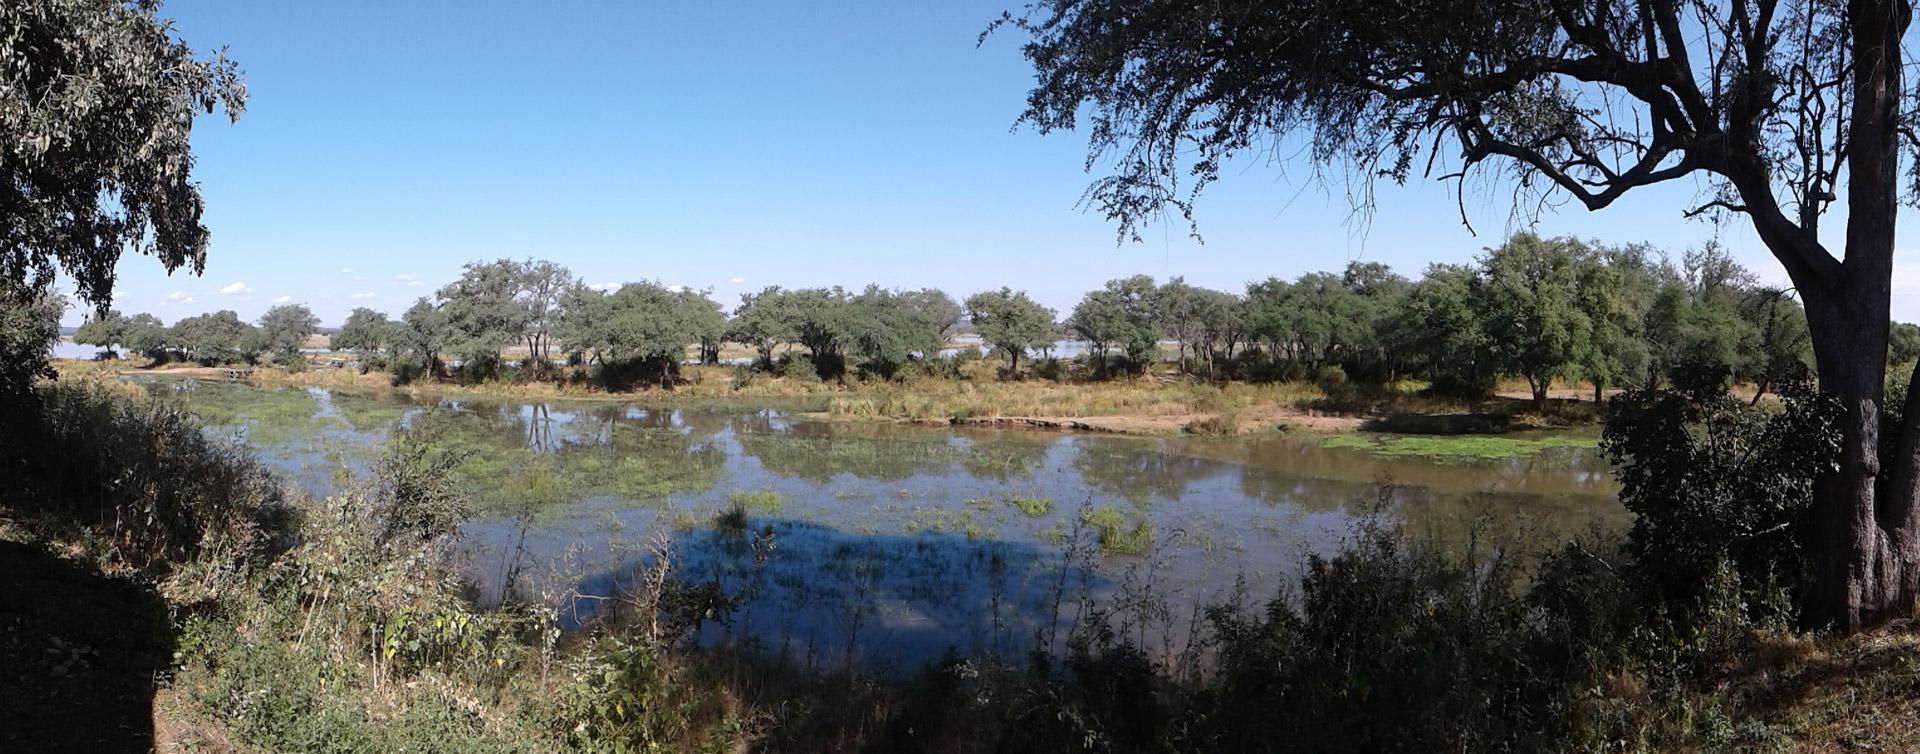 Anabezi camp views in Lower Zambezi National Park